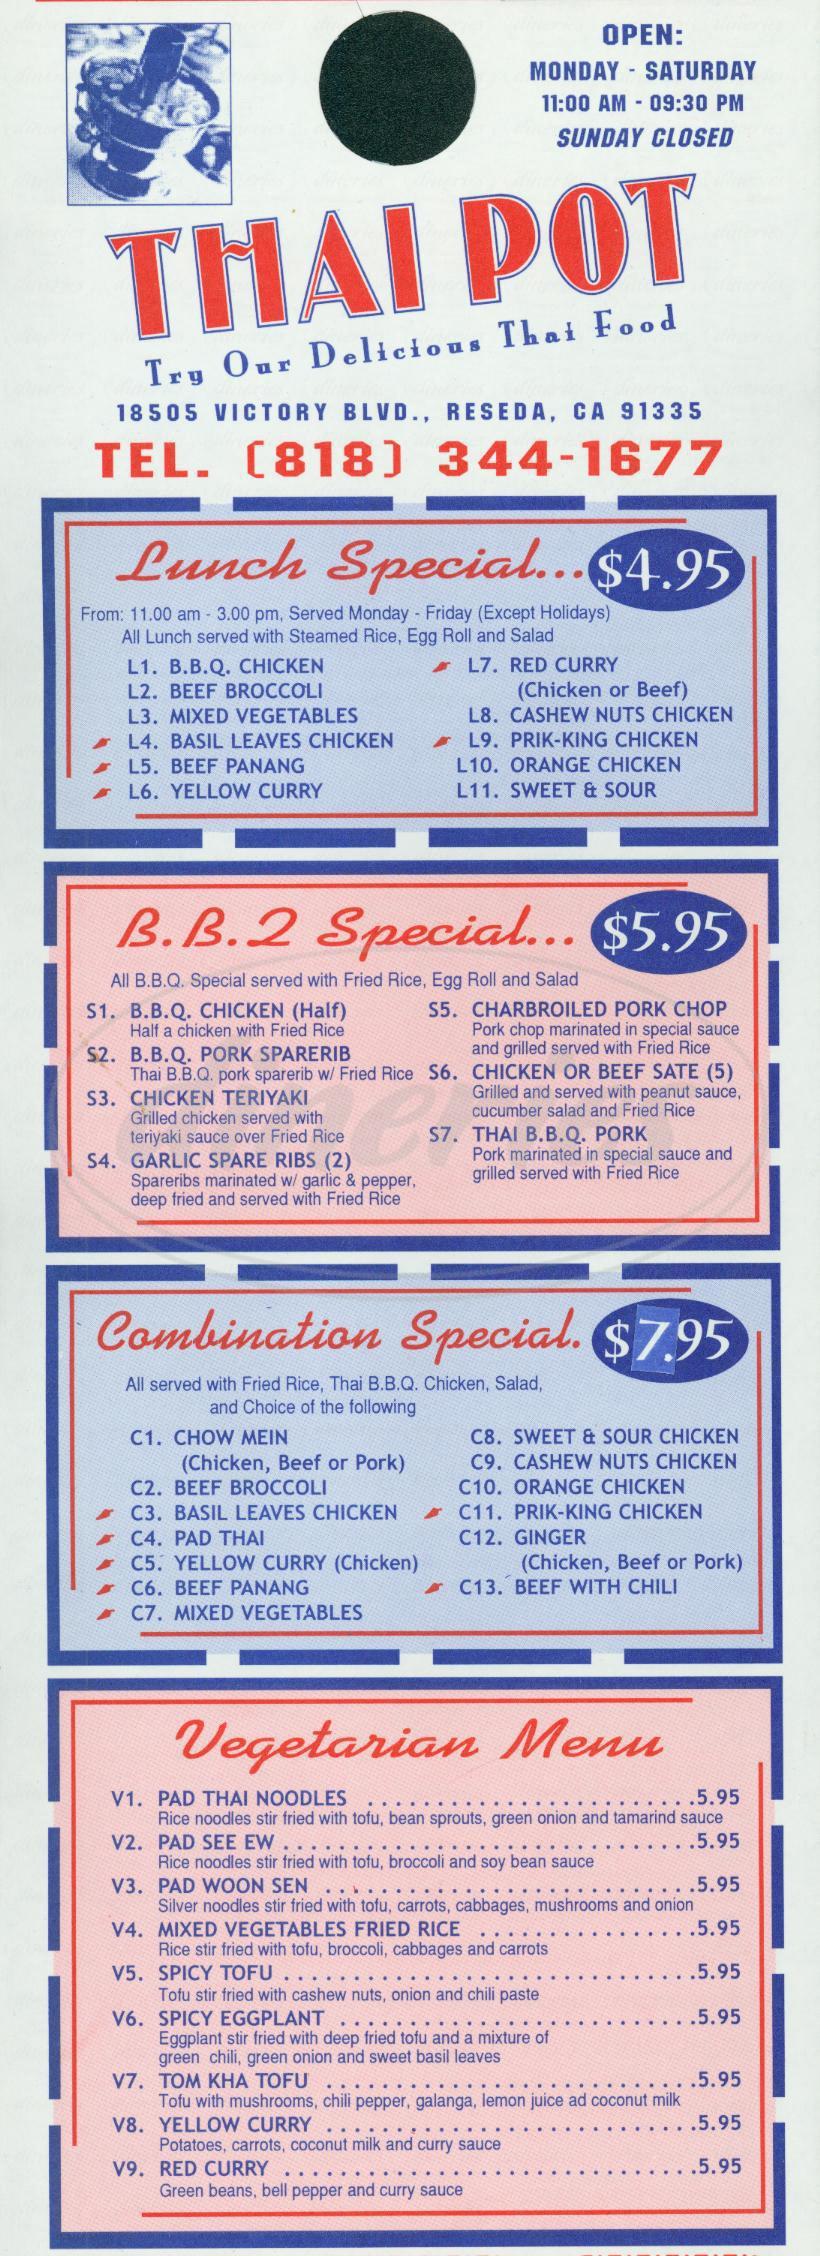 menu for Thai Pot